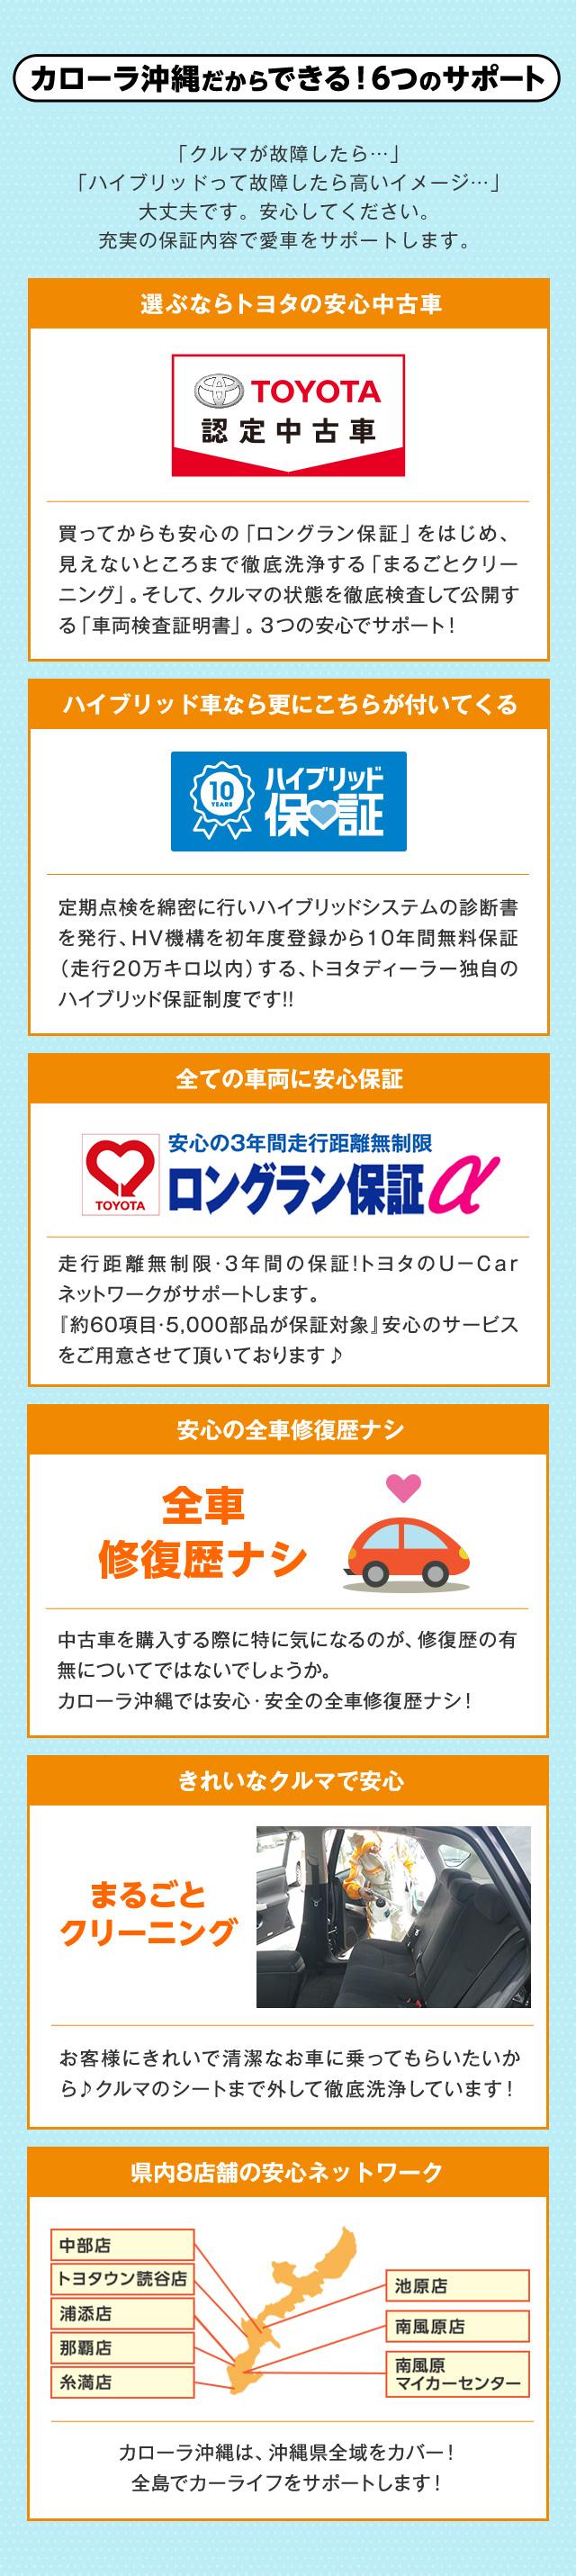 トヨタのお店だからできる6つのサポート